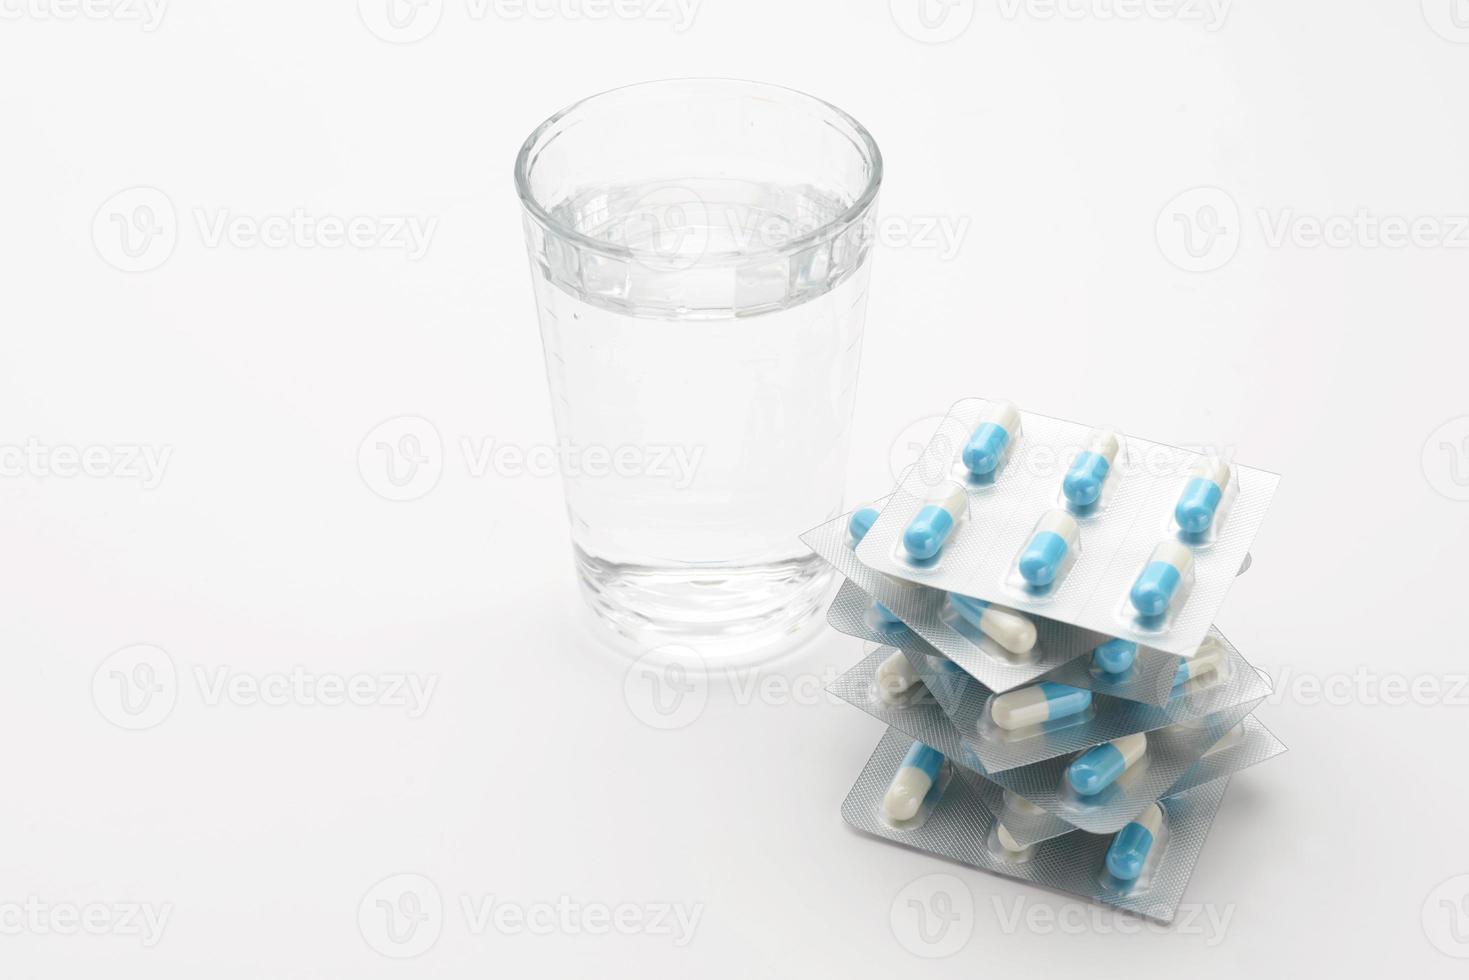 verpakte capsules en glas water foto